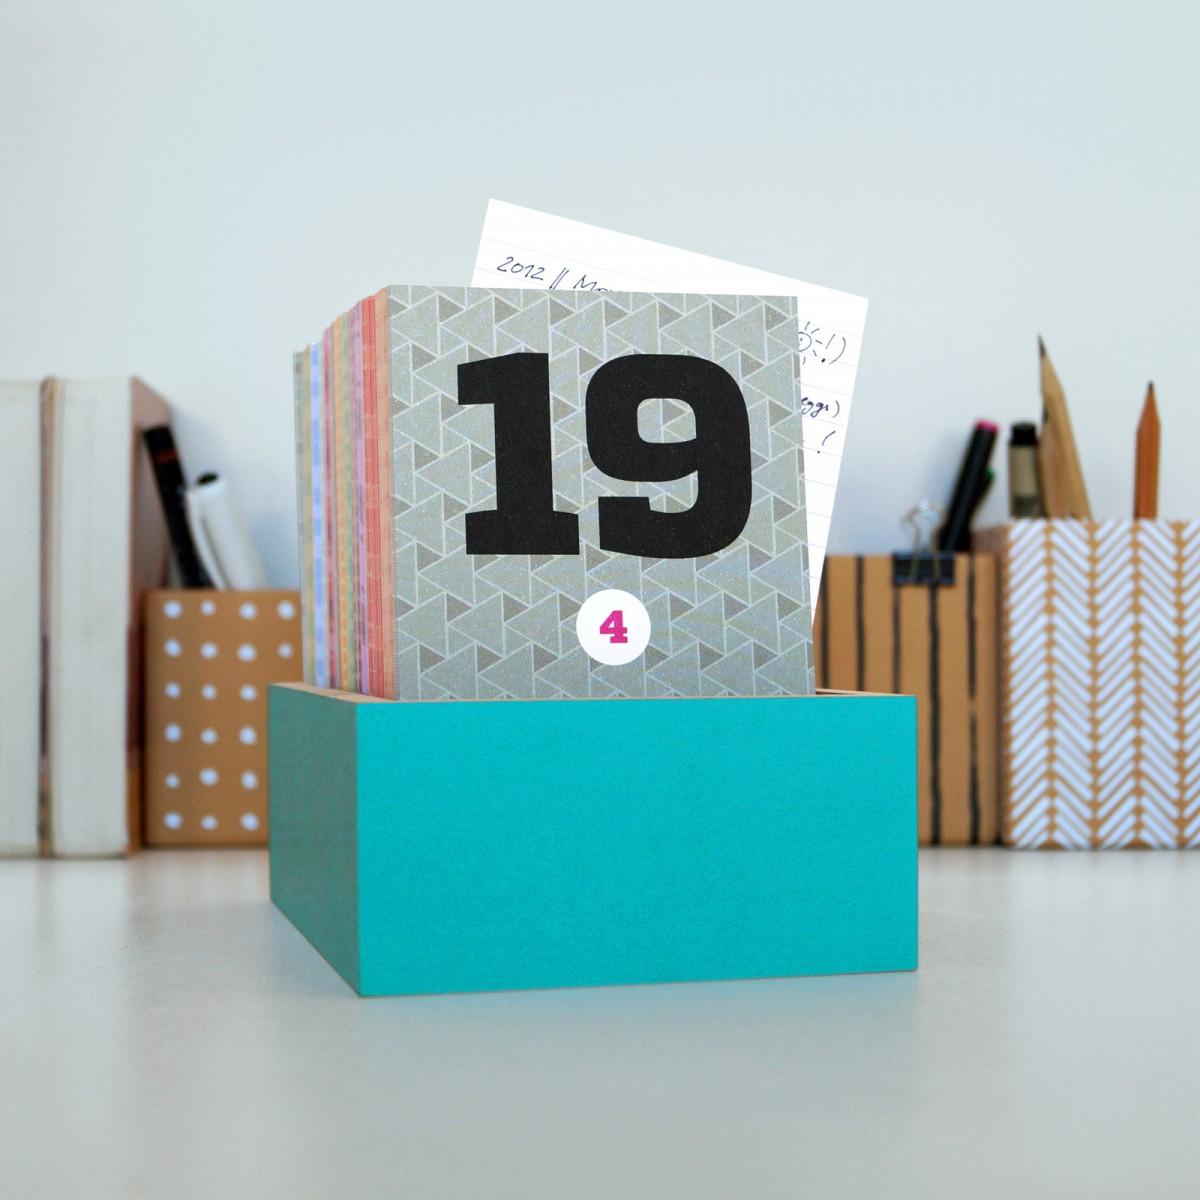 sperlingB – Happydaysbox, petrolblau, sprachneutraler Erinnerungskalender, schönetagebox Vol. 2